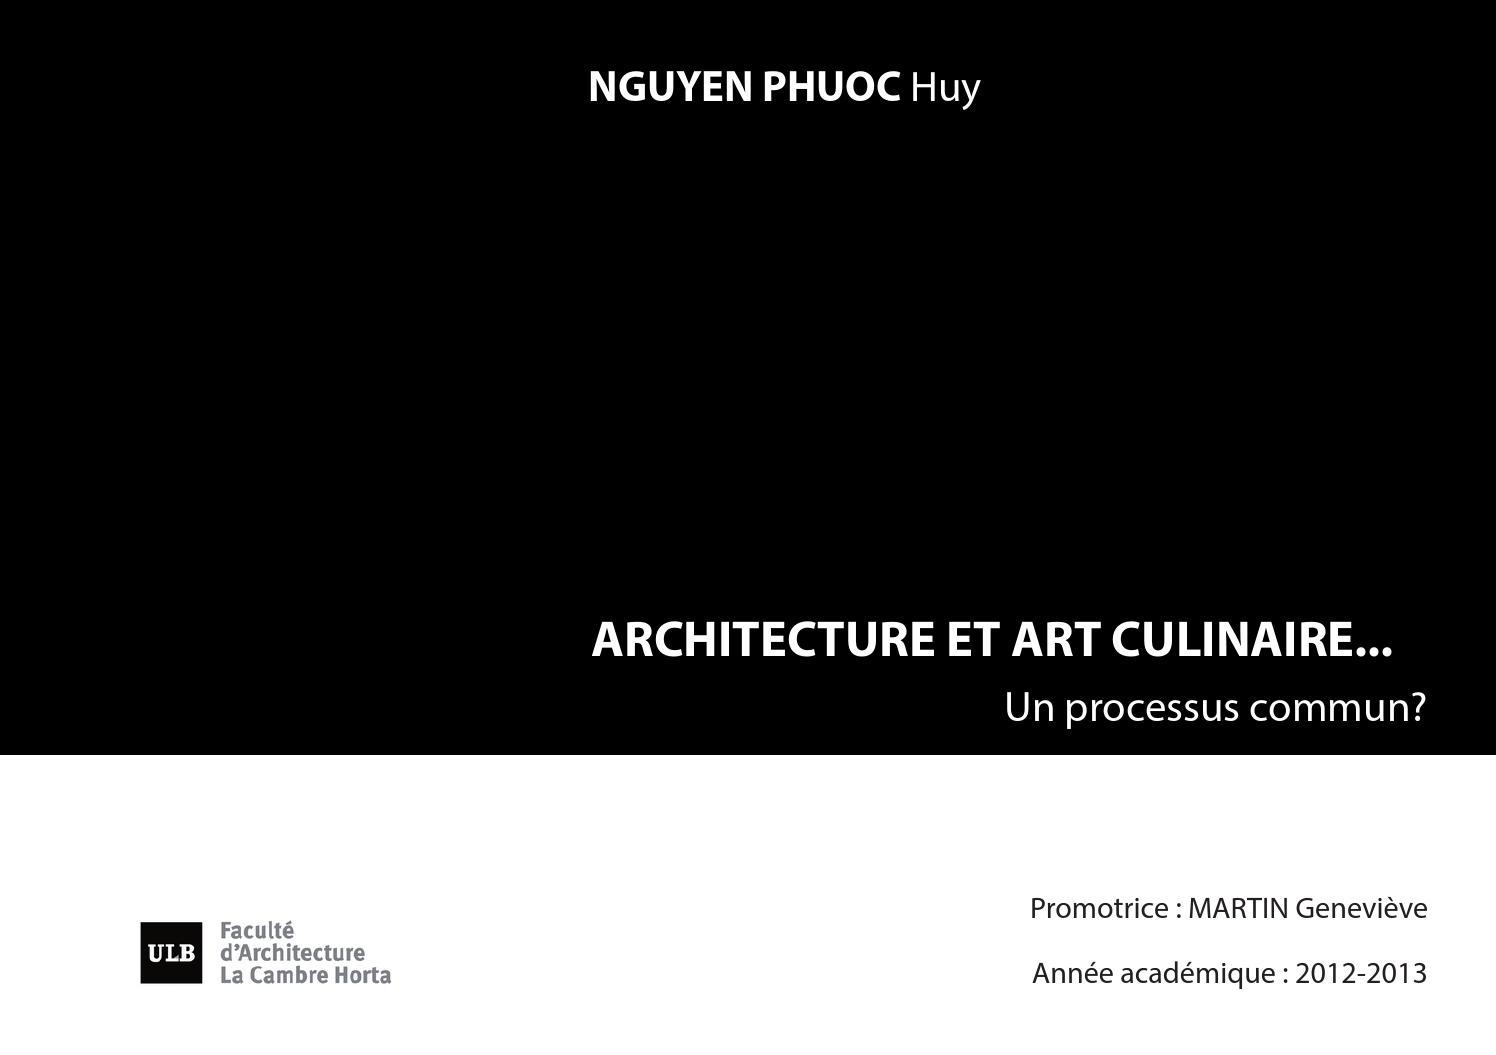 architecture et art culinaire un processus commun by wil